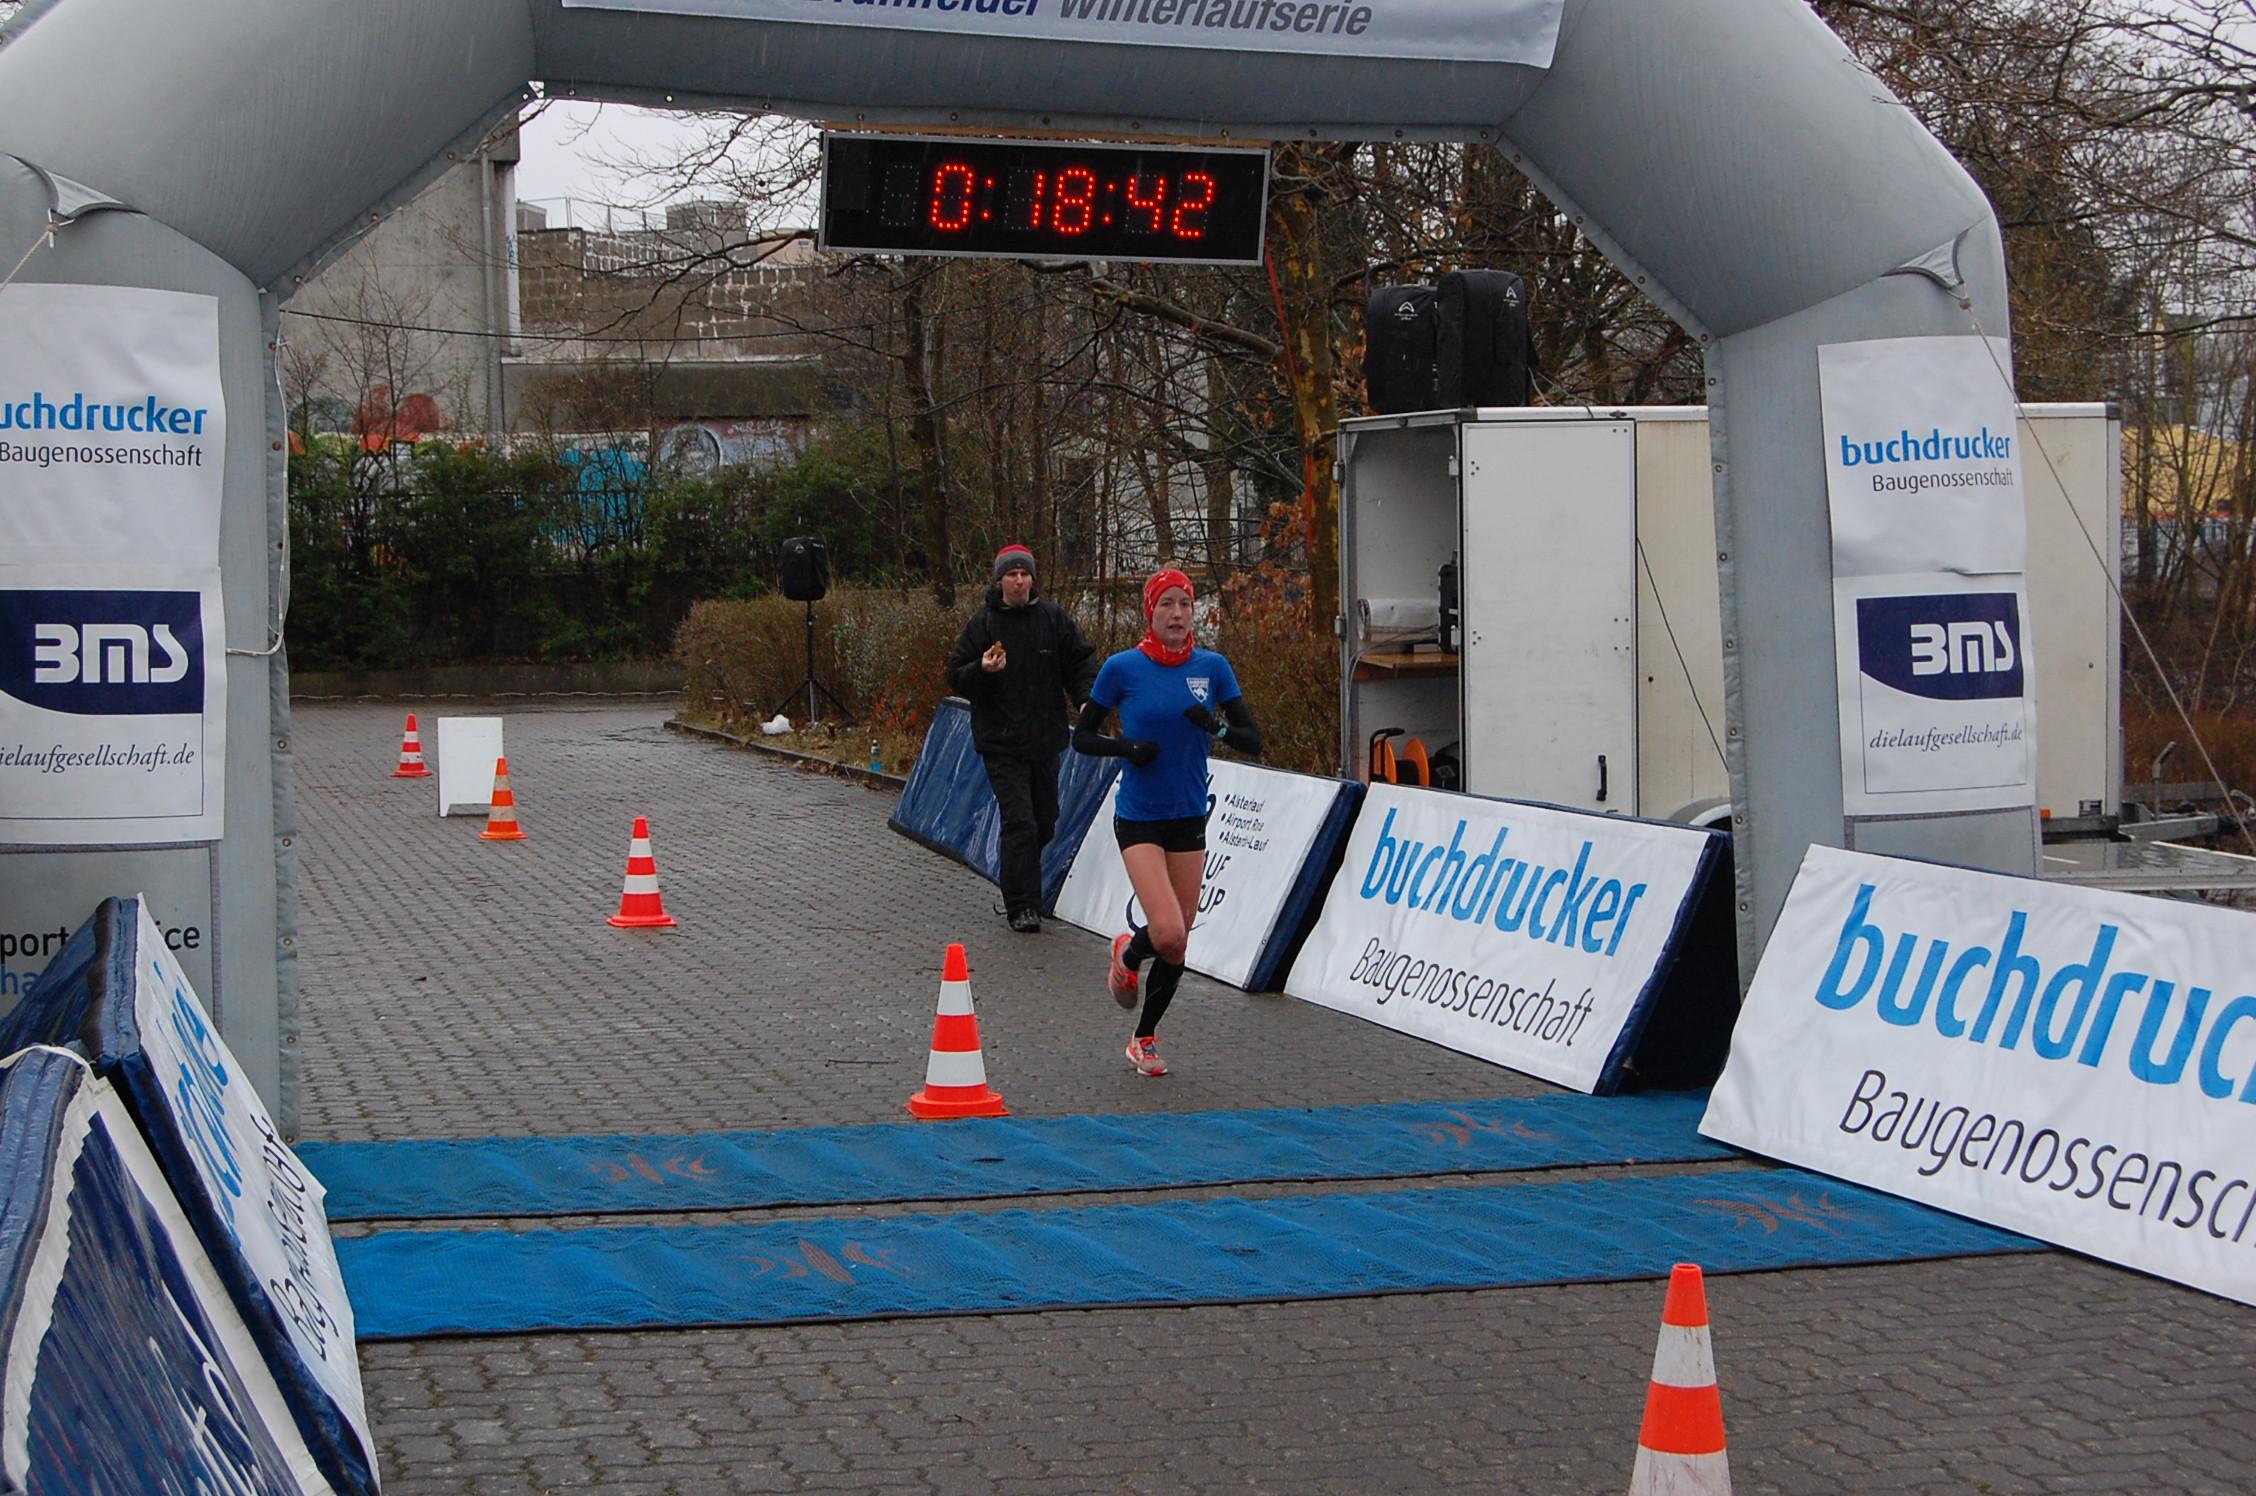 Abschlusslauf der 27. Bramfelder Winterlaufserie: die schnellsten Durchläufe der ersten Runde - ab 1. Frau